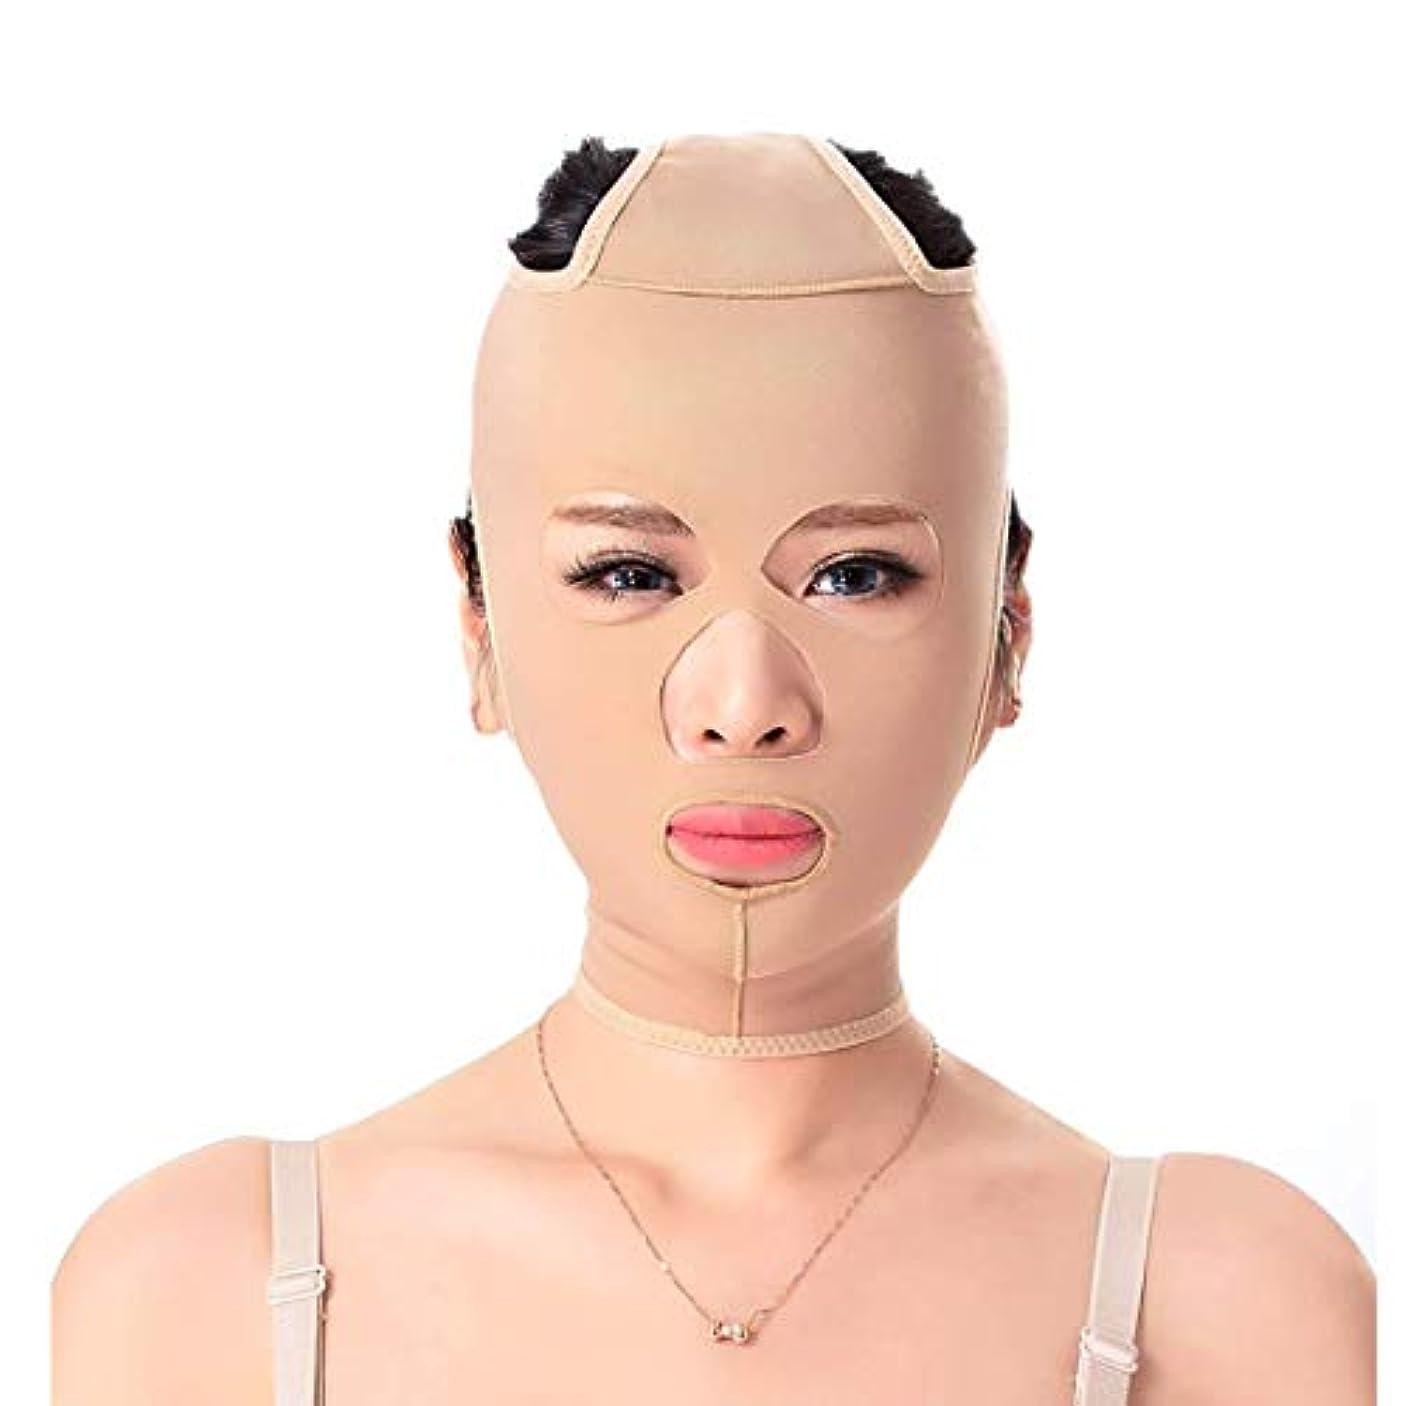 航空便スキームサミュエルスリミングベルト、二重あごの引き締め顔面プラスチック顔アーティファクト強力な顔の包帯を脇に持ち上げるパターンを欺くためのフェイシャルマスク薄いフェイスマスク(サイズ:XXL),XXL